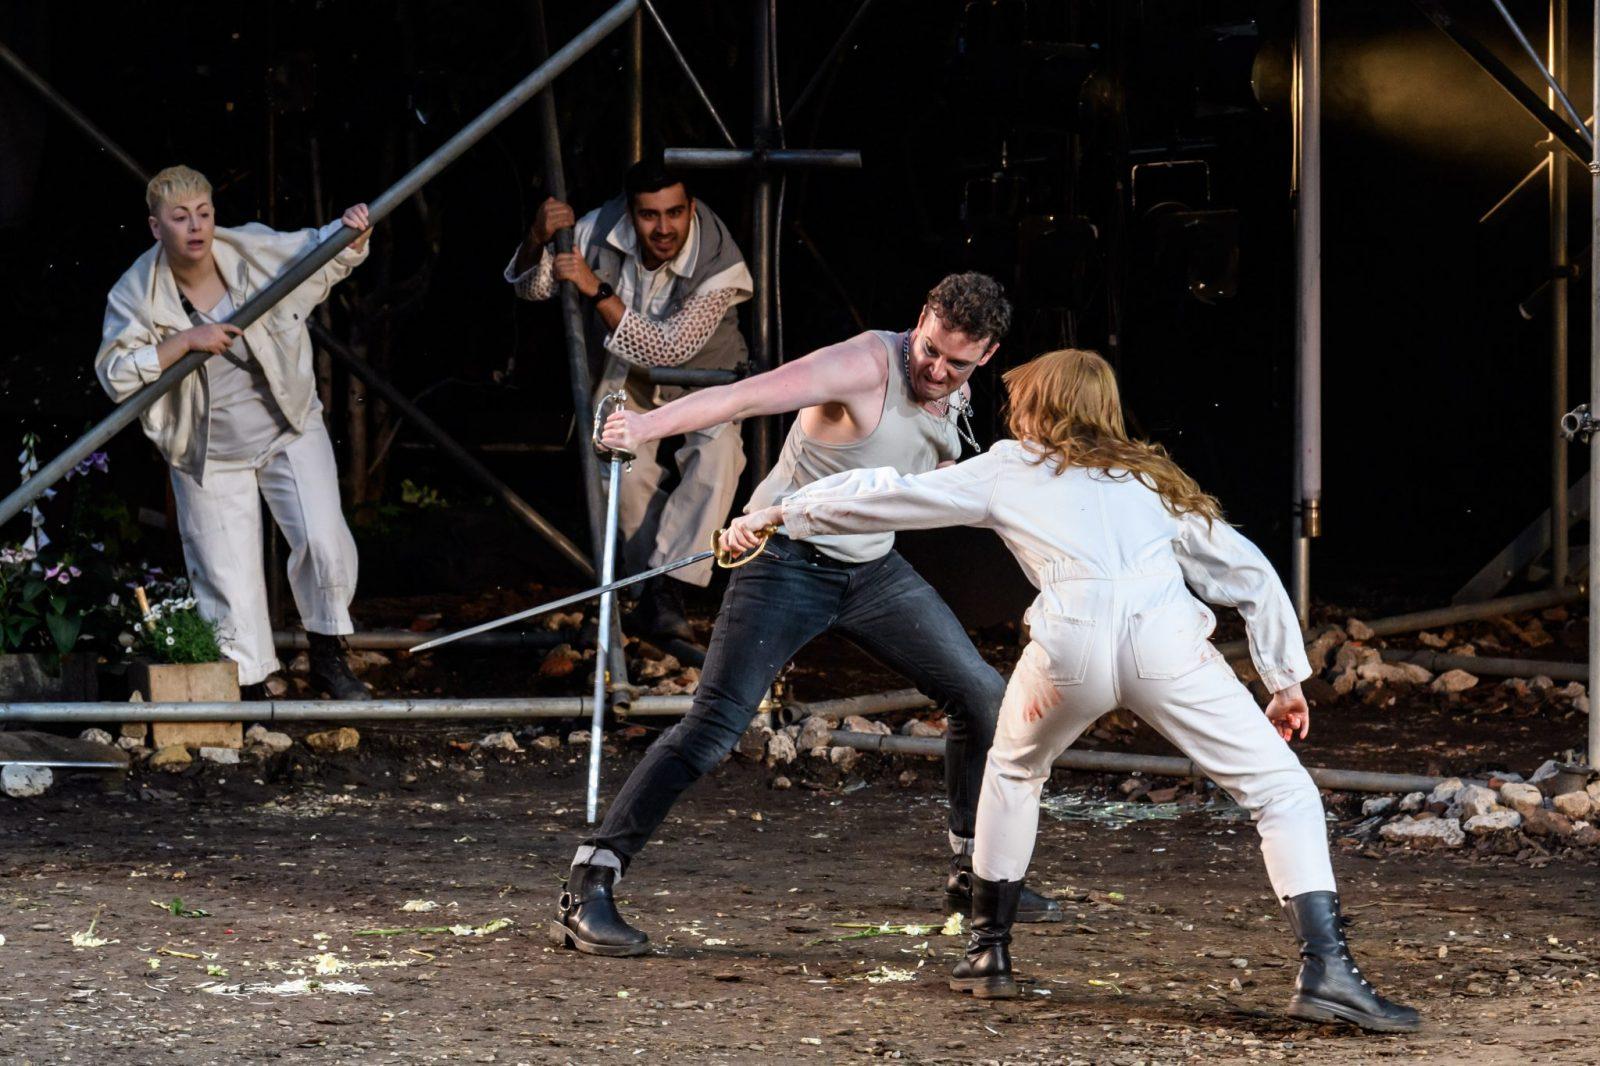 ROMEO & JULIET, Regent's Park Open Air Theatre, London, Britain - 22nd June 2021